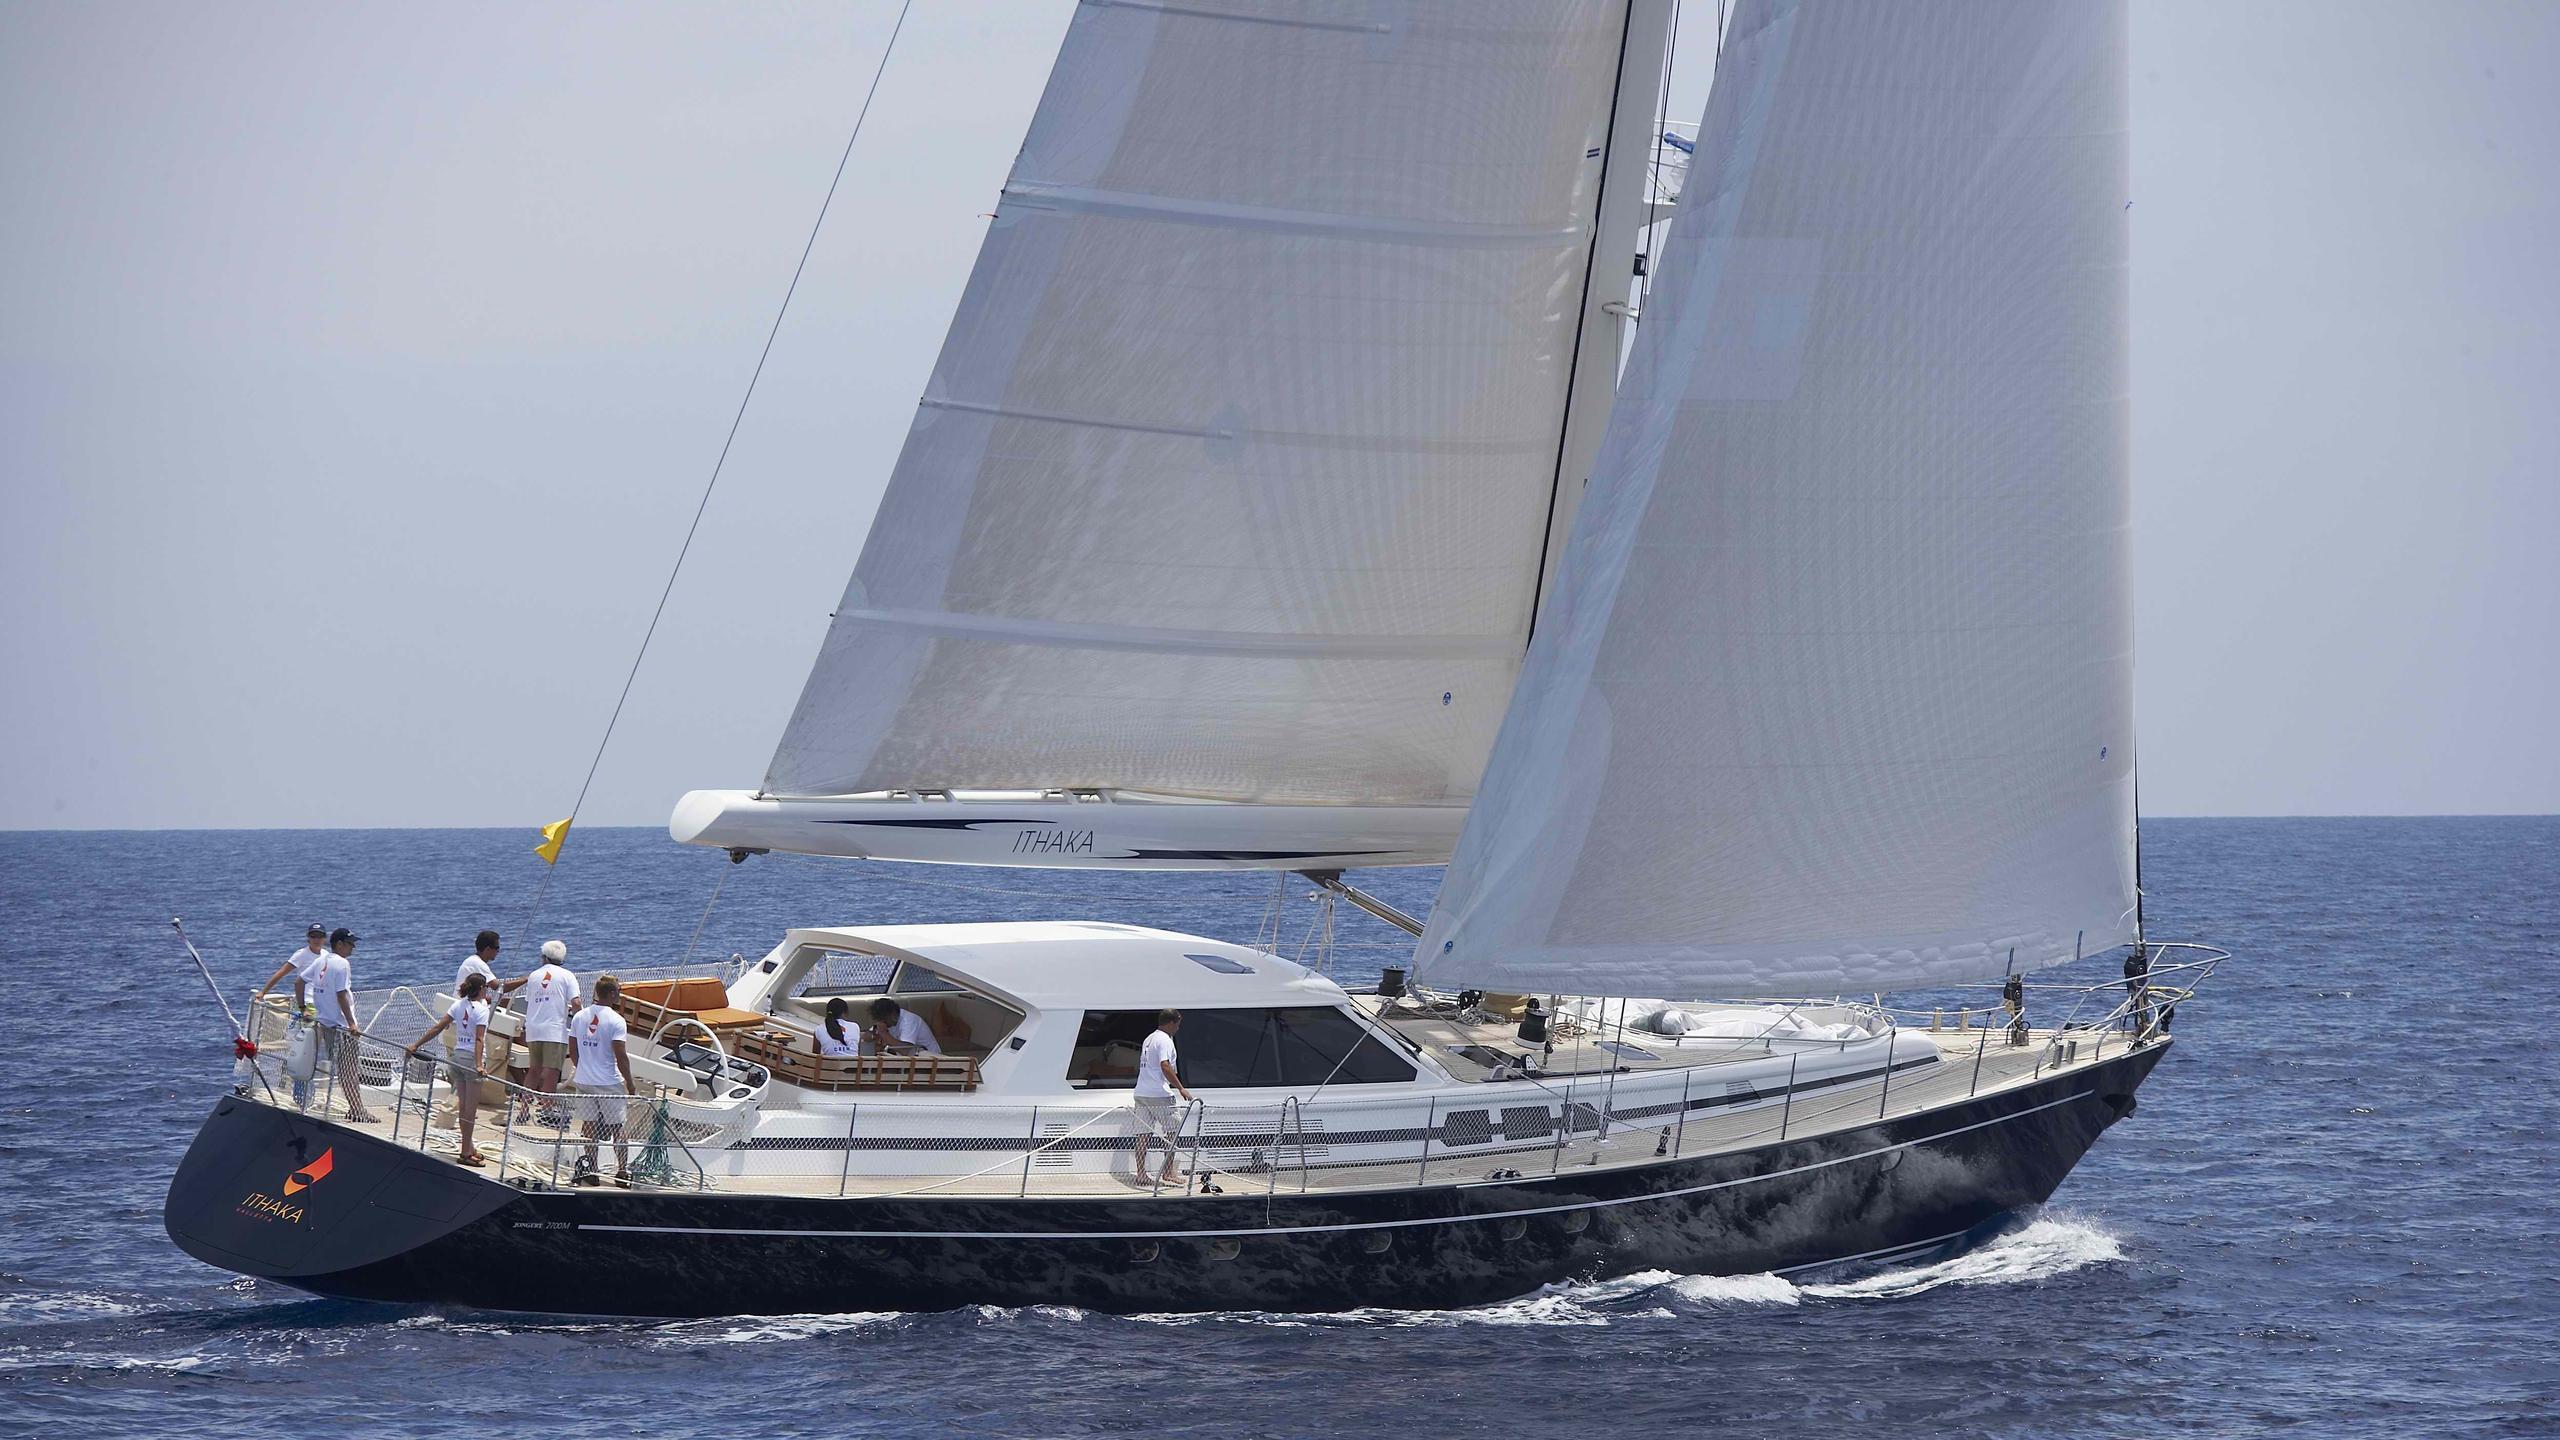 Ithaka yacht sailing